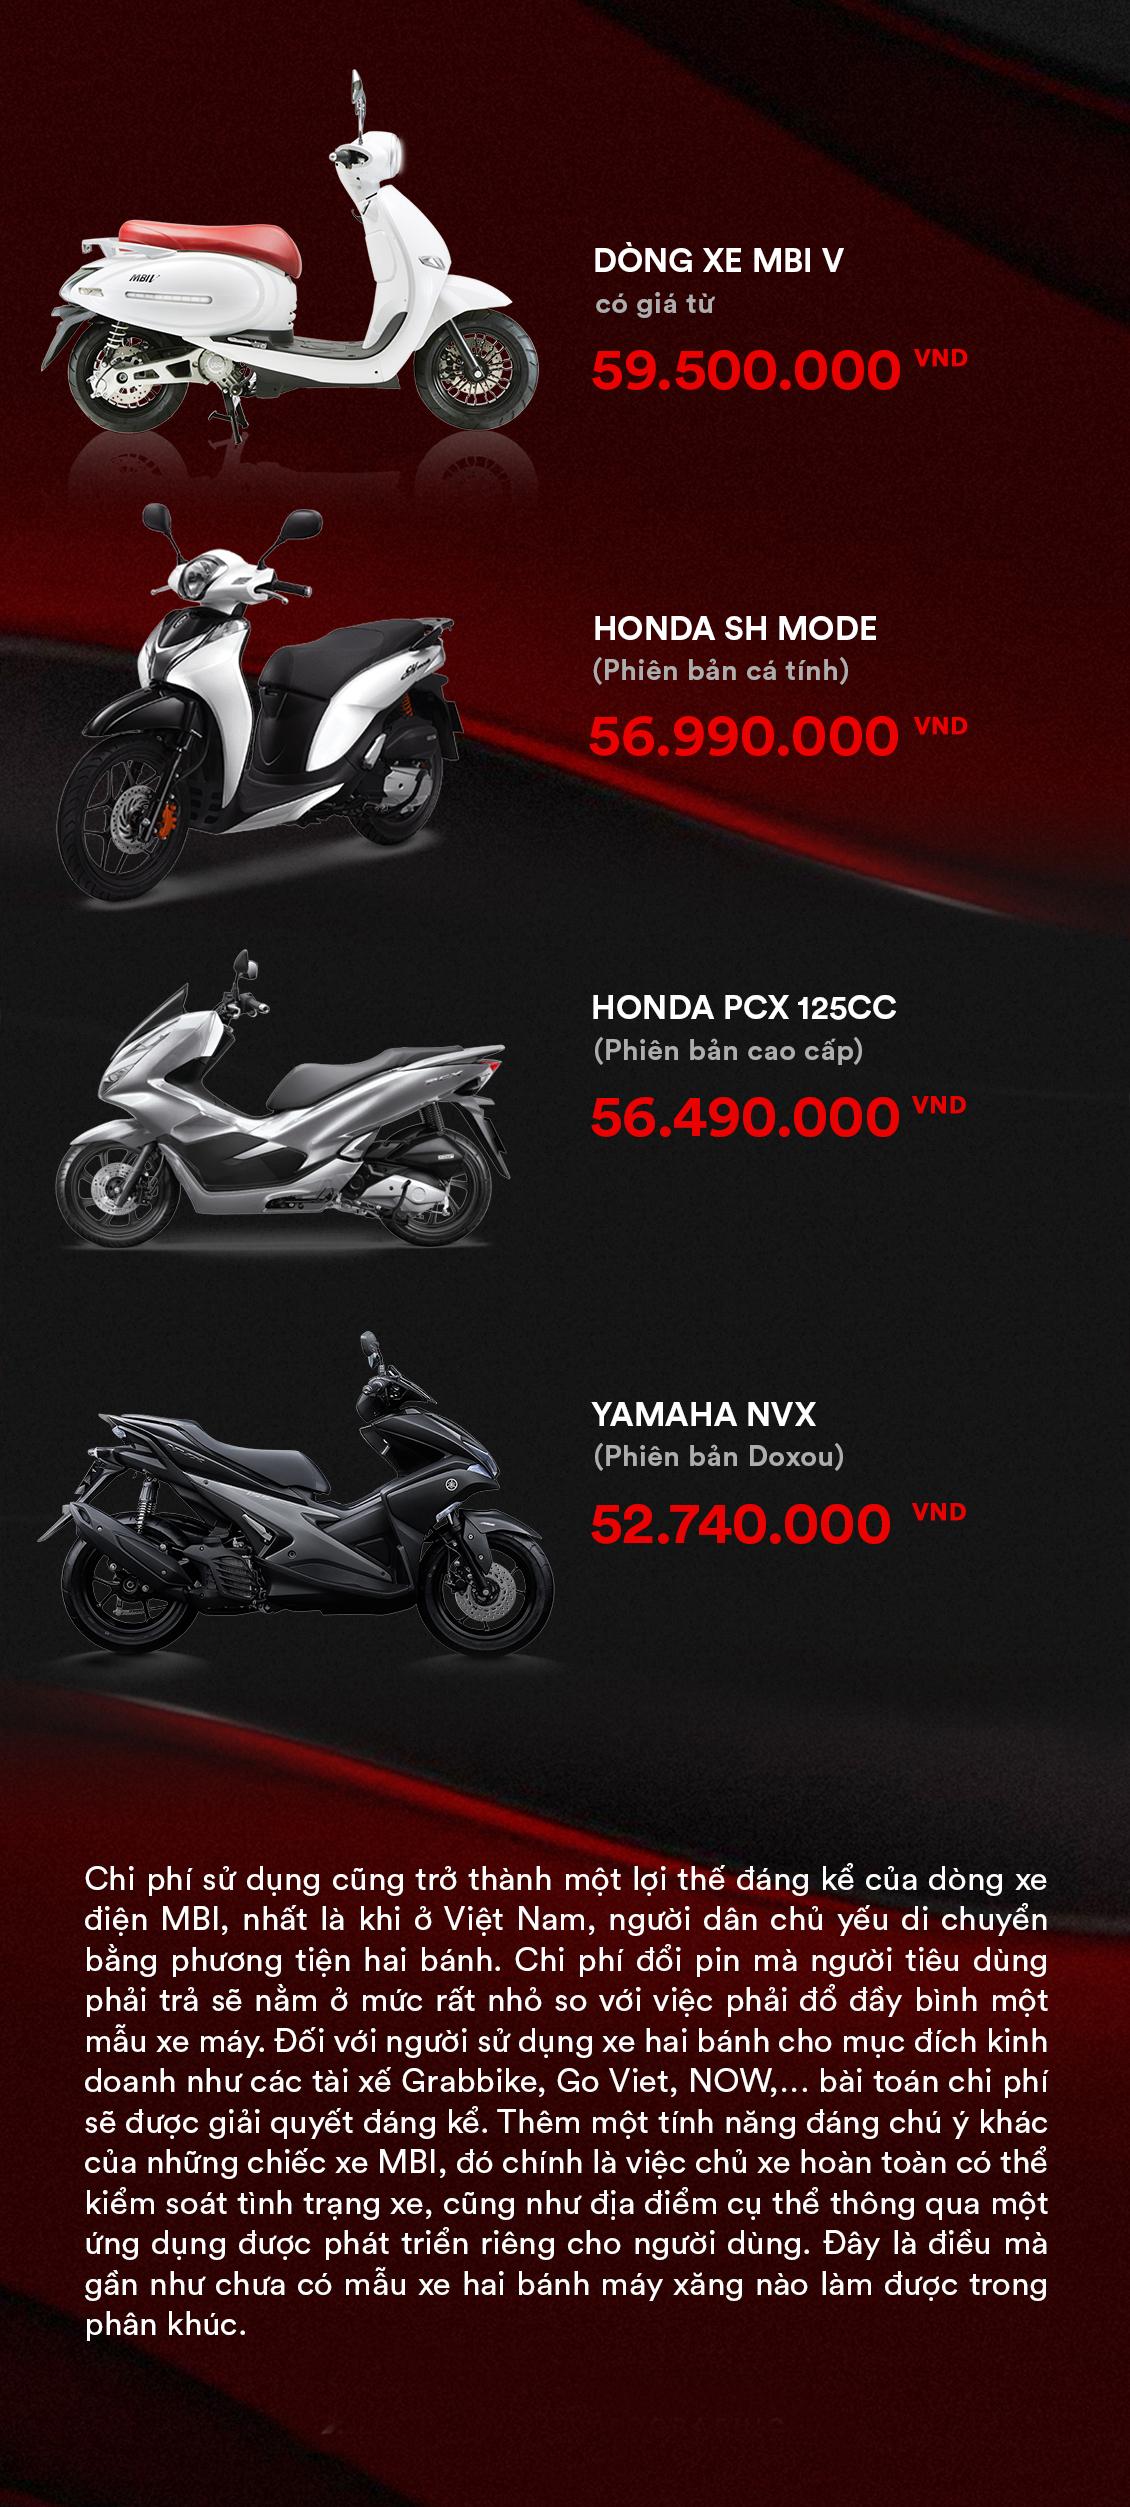 Nếu không mua xe máy điện MBI của Hàn Quốc thì 'thượng đế' Việt mua được xe gì ngang giá?